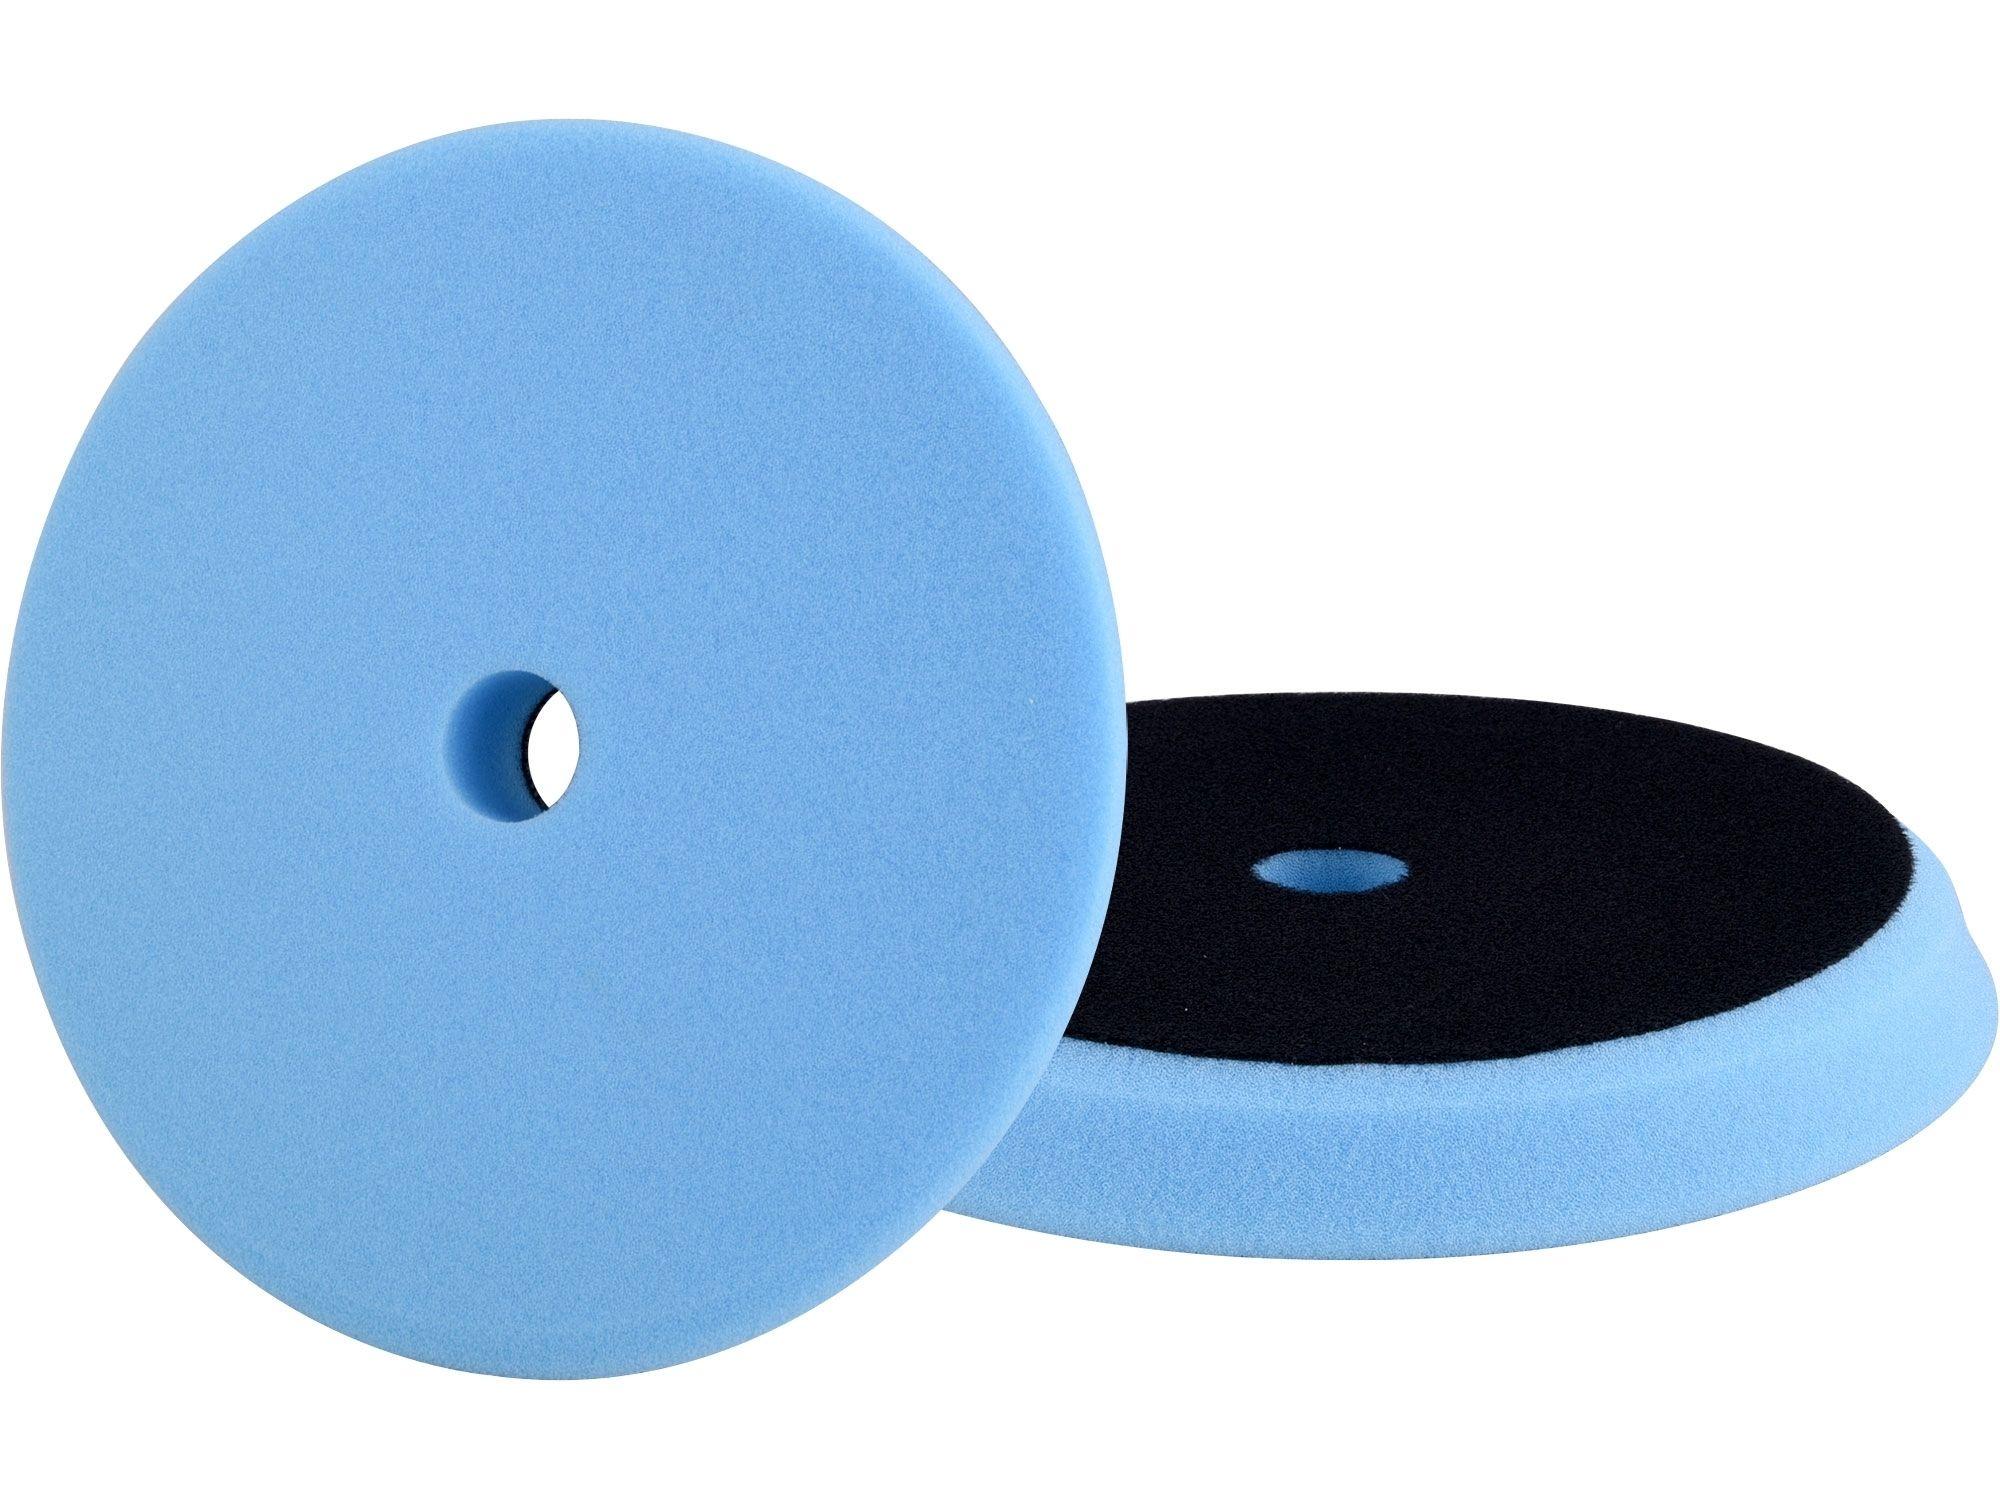 Kotouč leštící pěnový, orbitální, T60, modrý, ?150x25mm, suchý zip ?127mm EXTOL PREMIUM